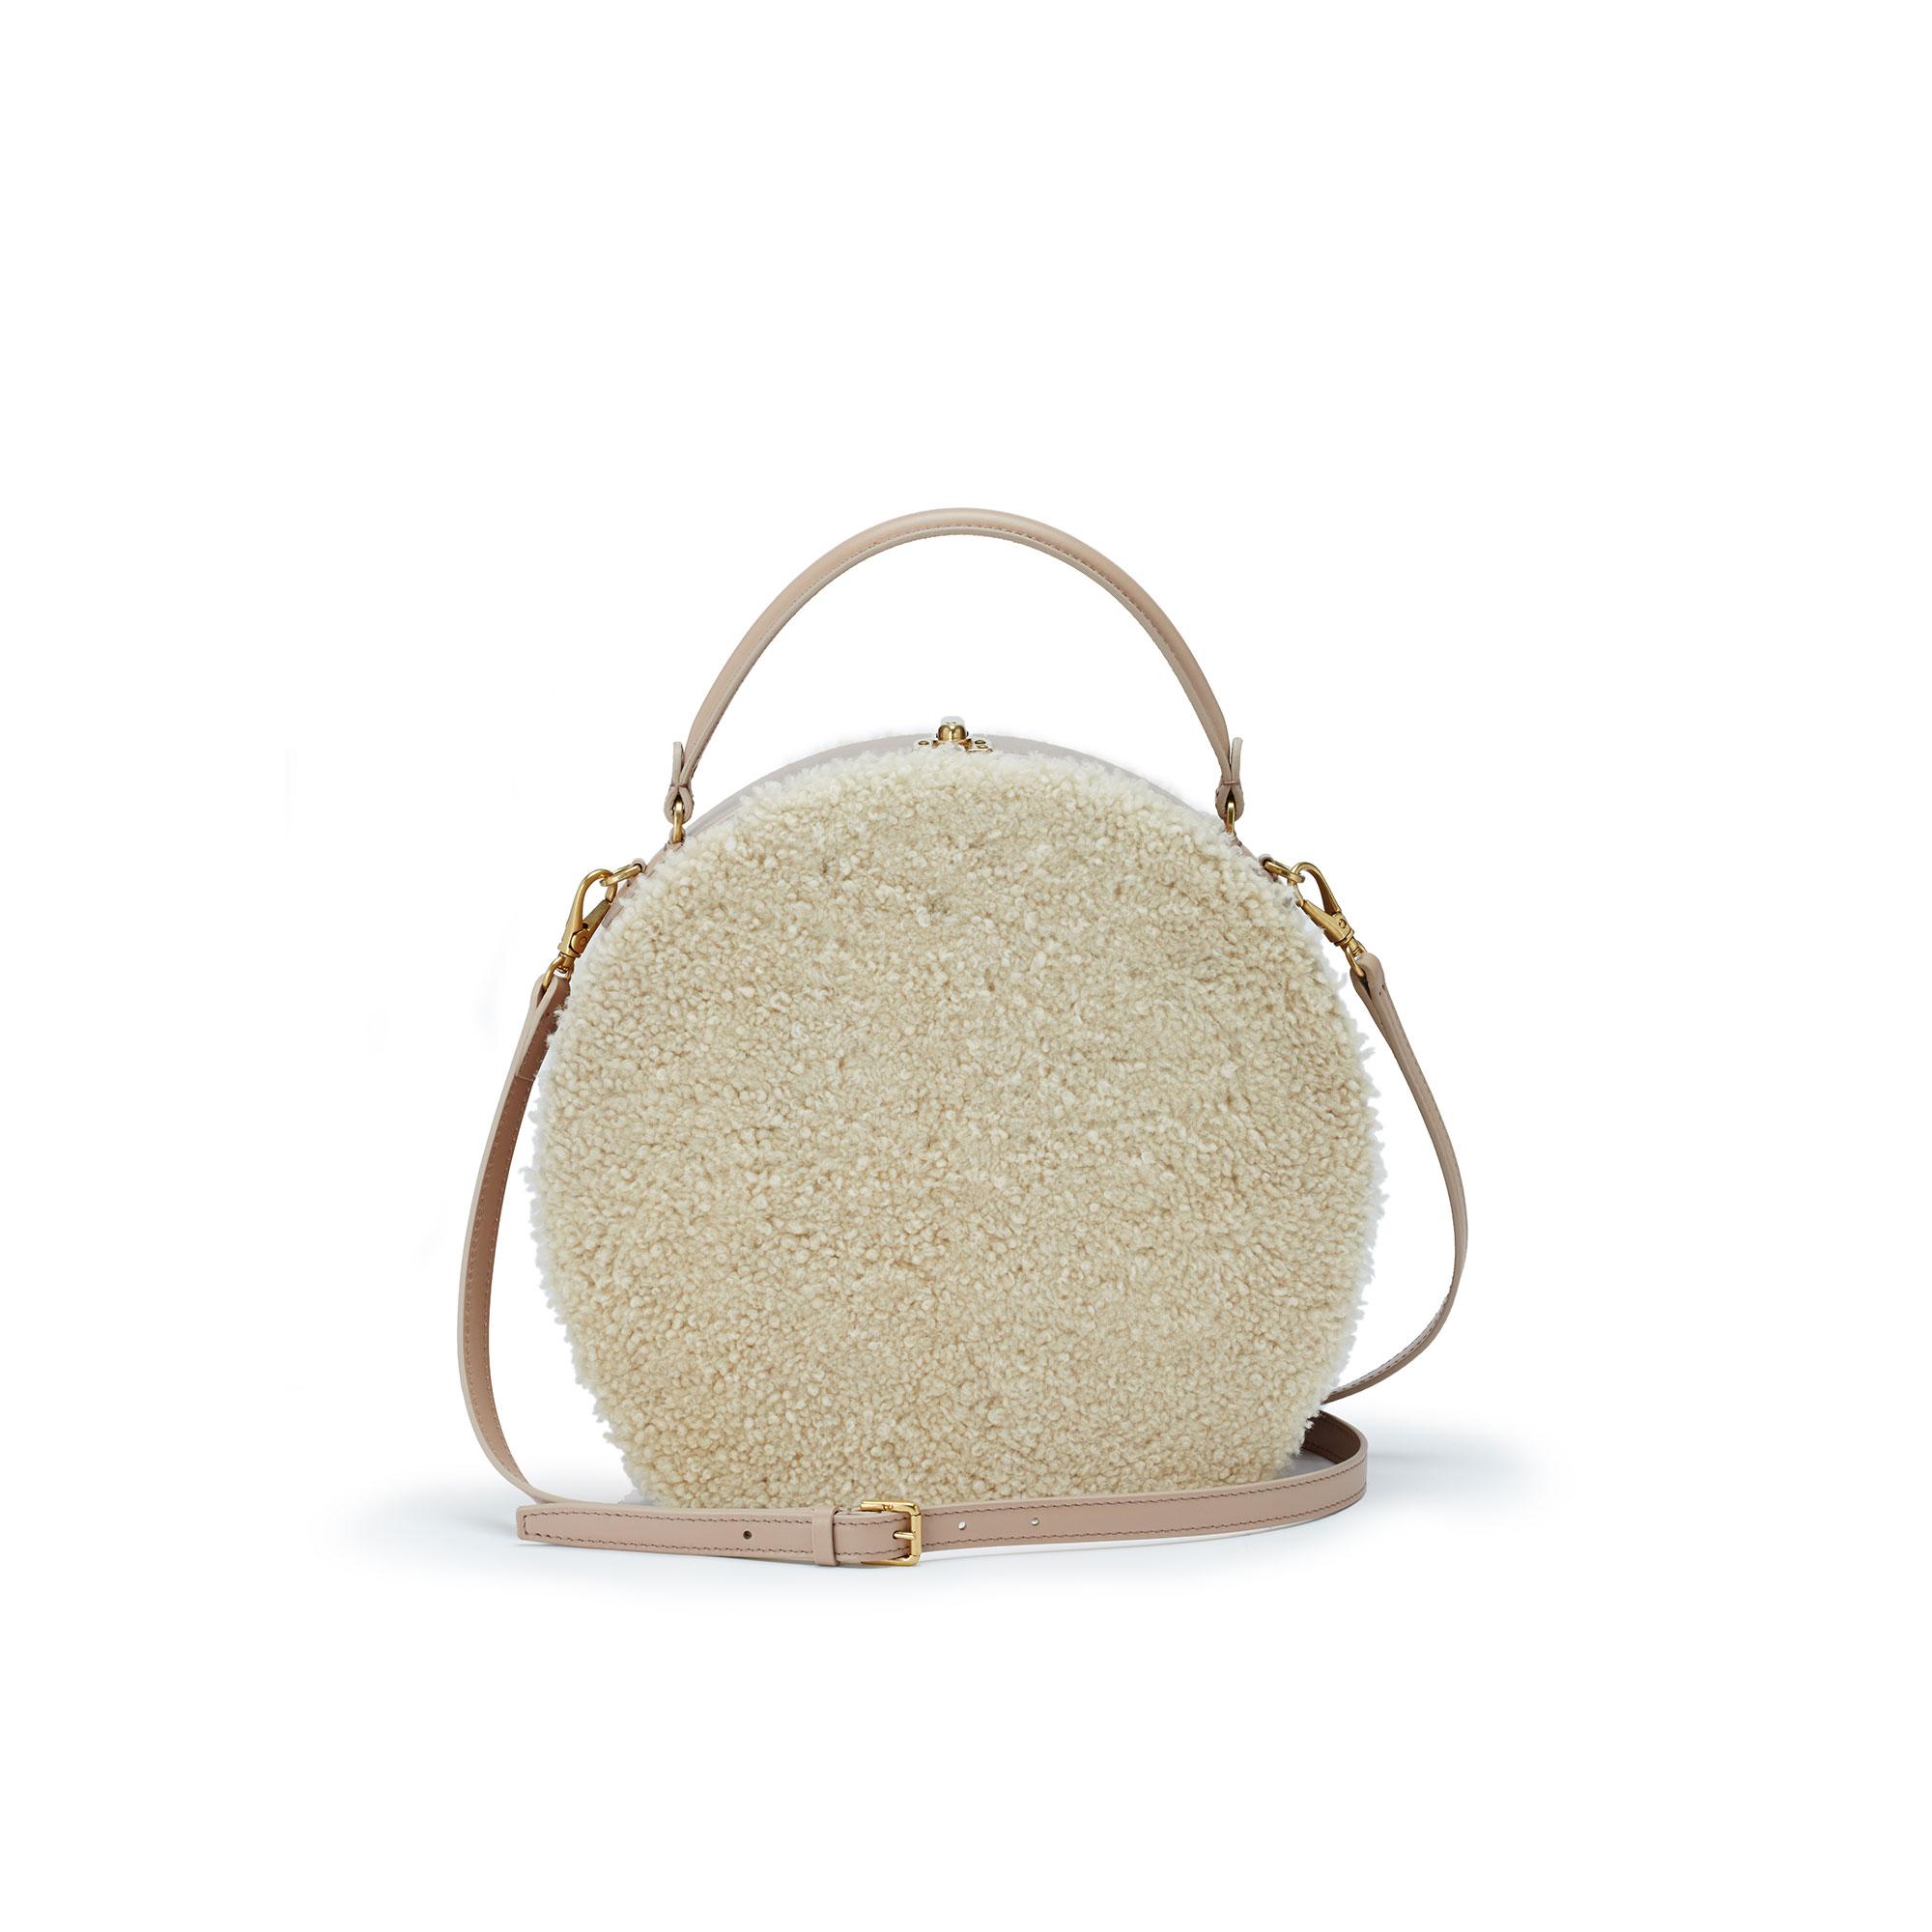 Large-Bertoncina-cream-shearling-bag-Bertoni-1949